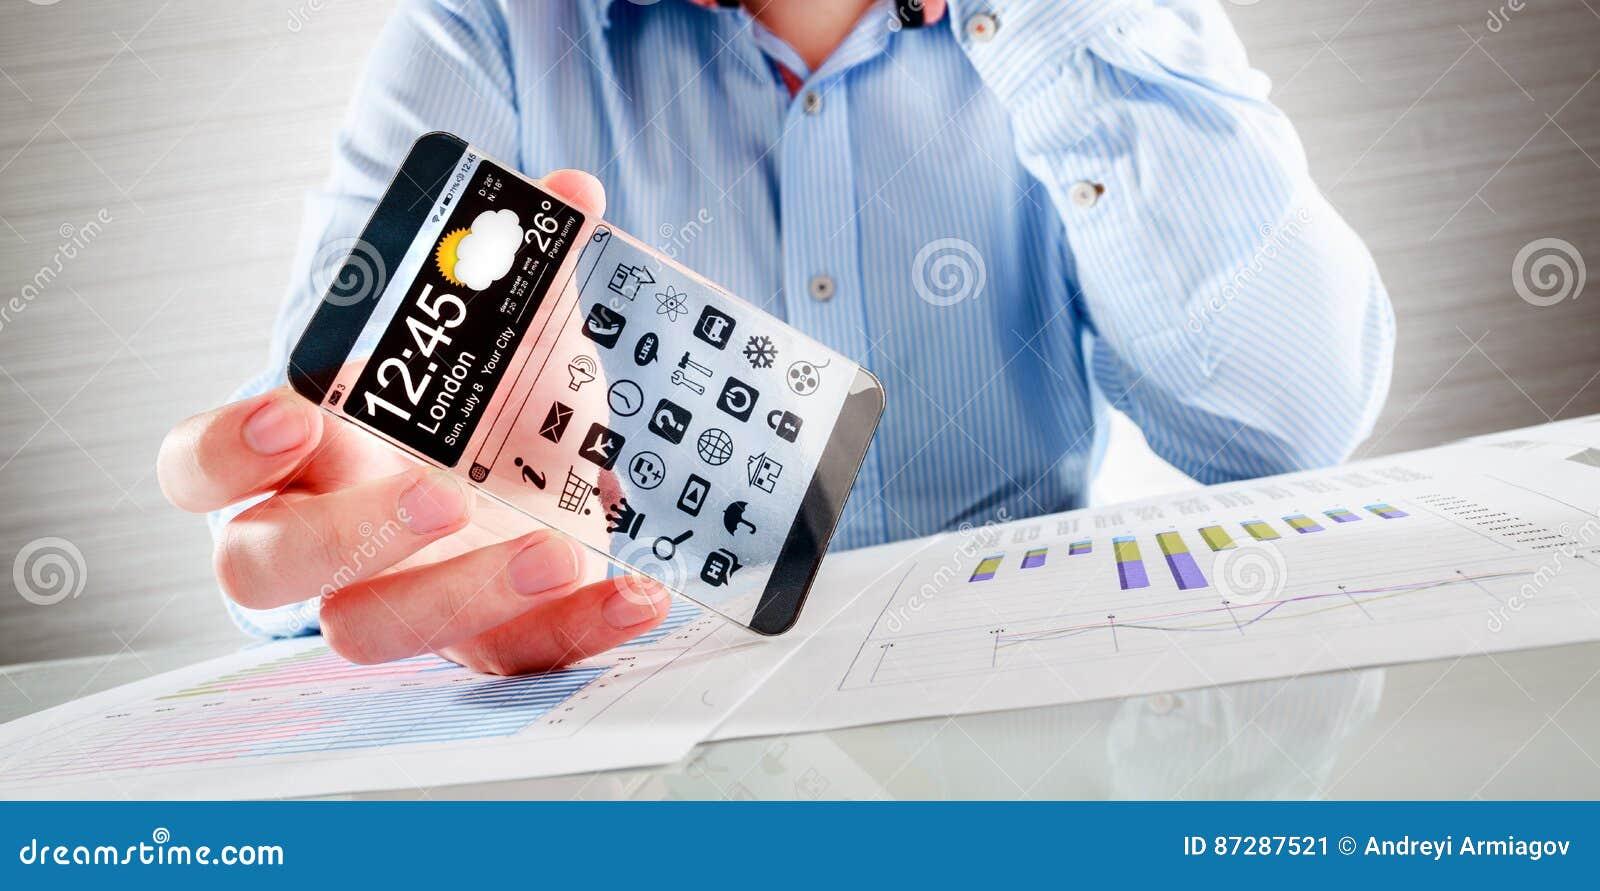 Smartphone com a tela transparente nas mãos humanas